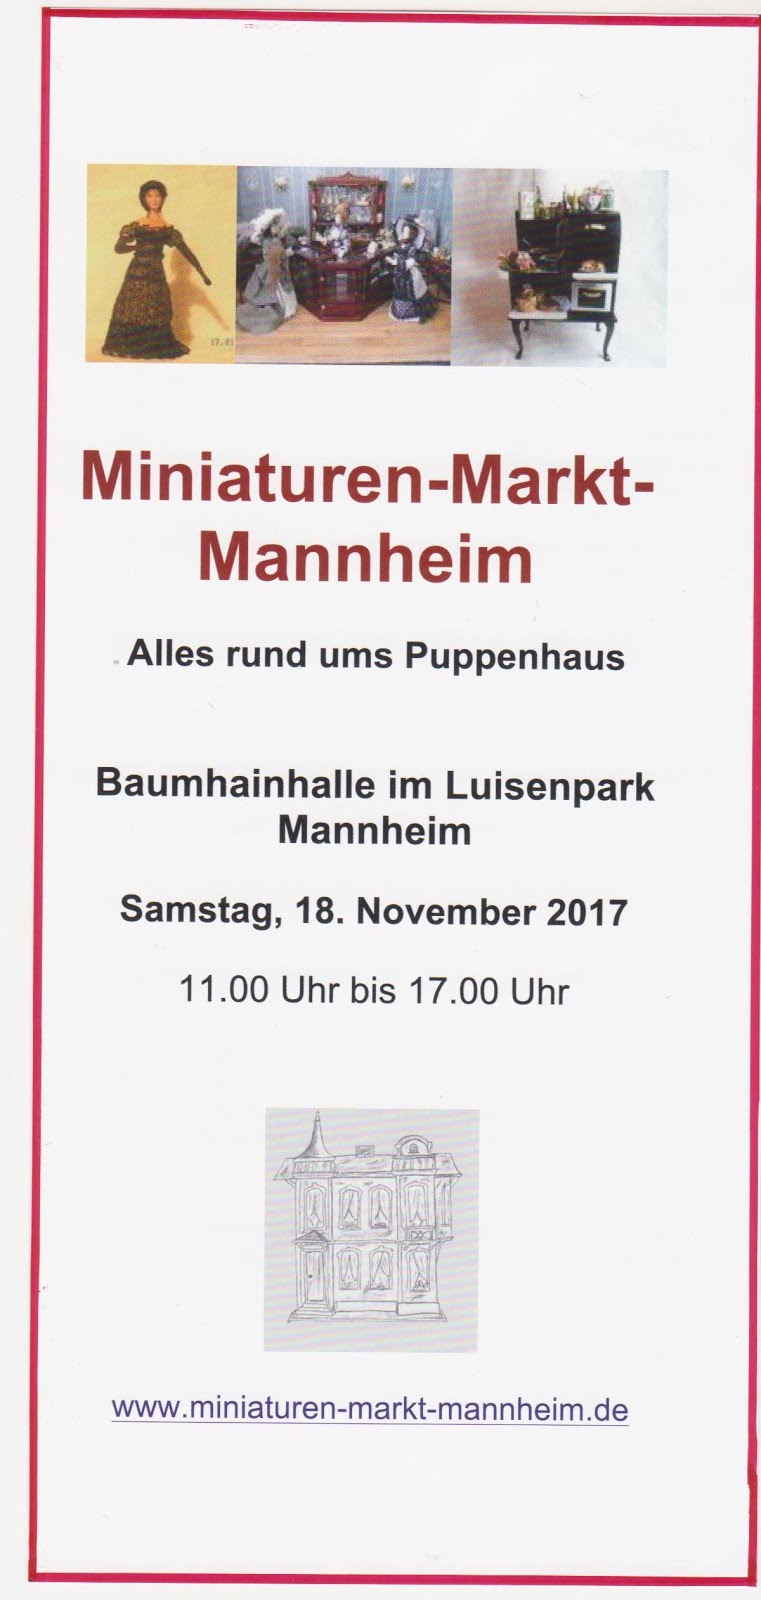 Miniaturen-Markt-Mannheim